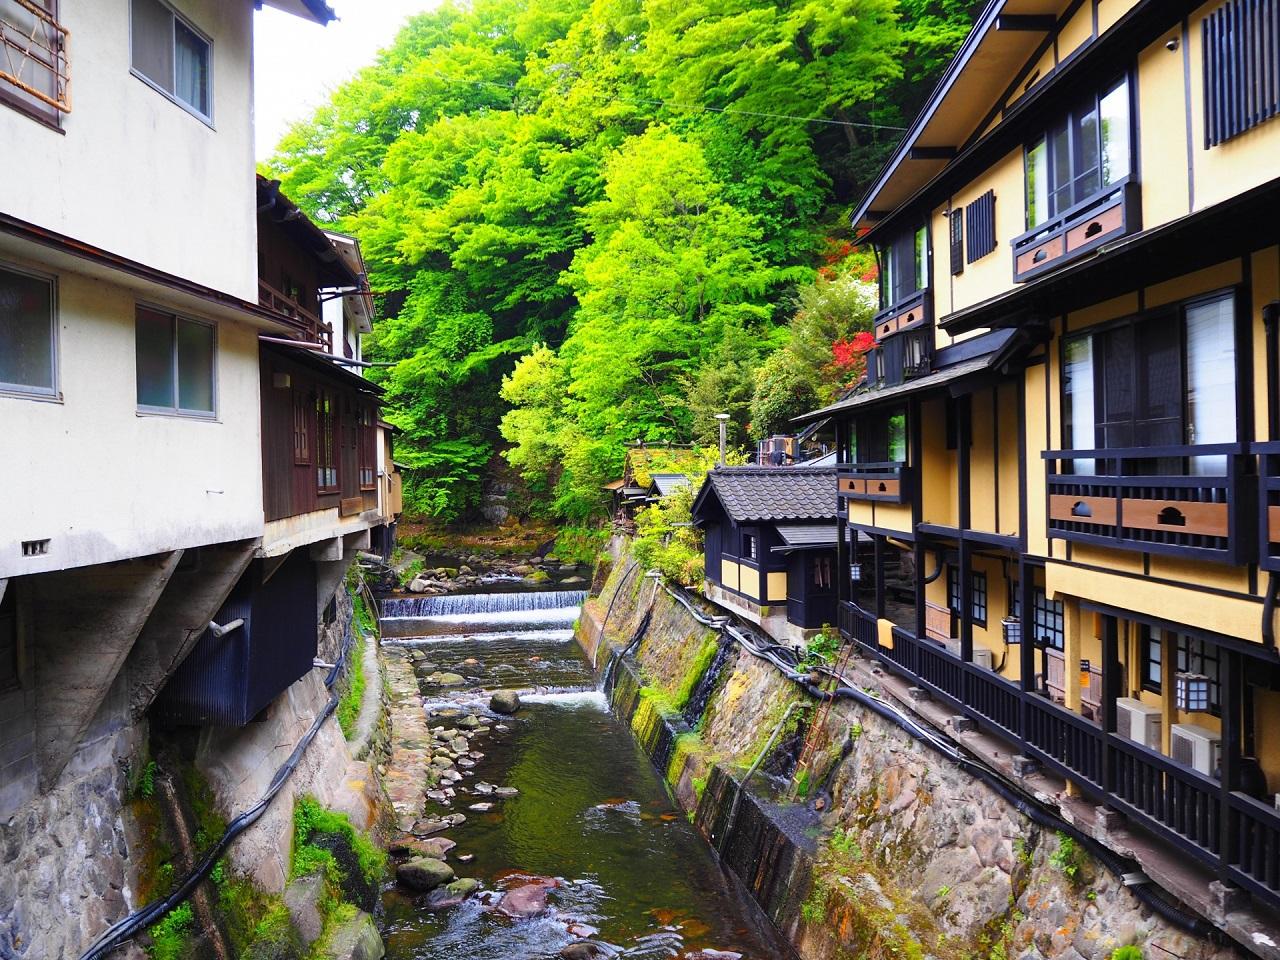 黒川温泉といえば露天風呂めぐり